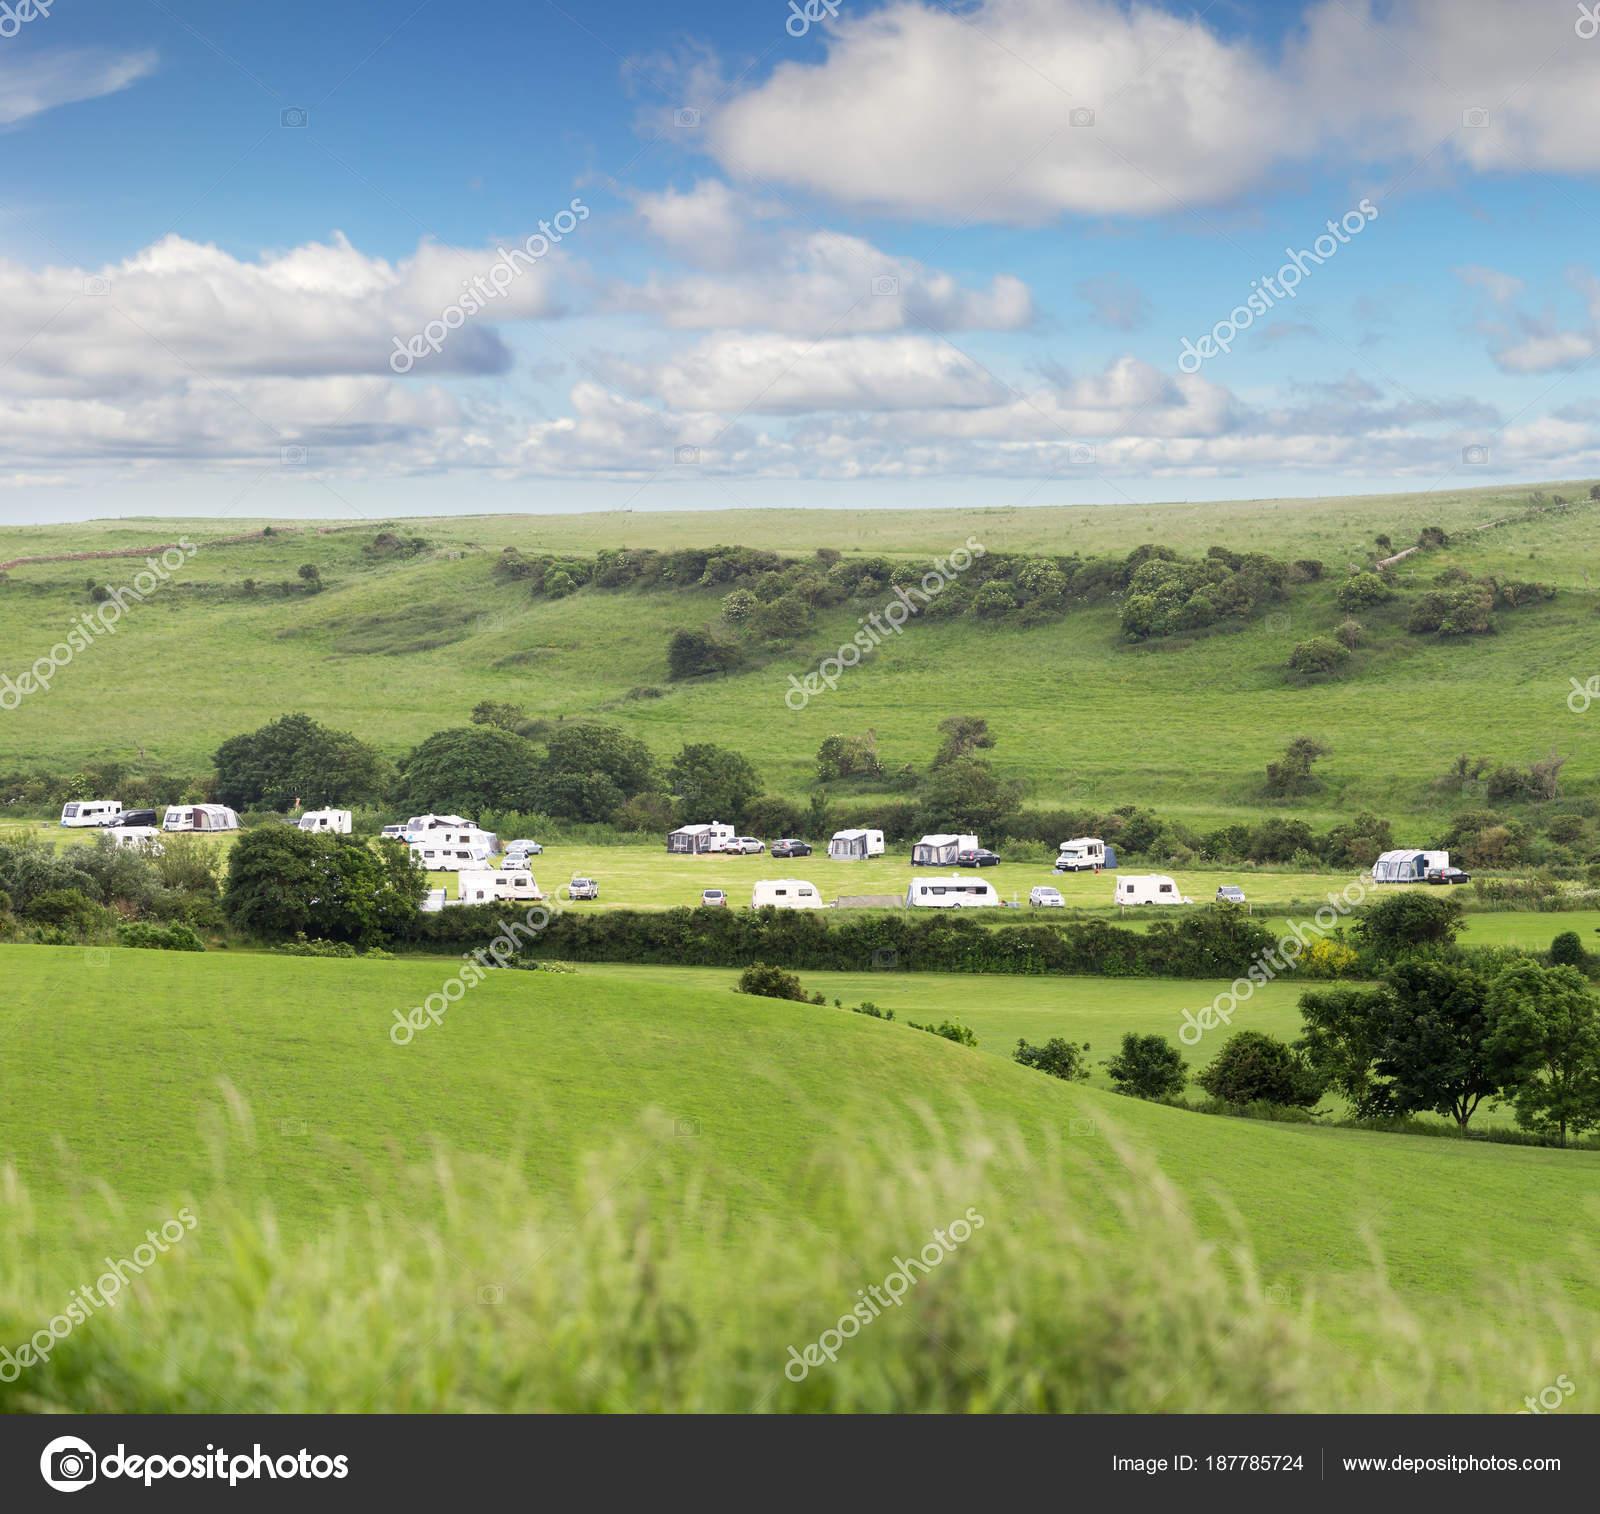 Trailer Van De Caravan Kamperen In Engelse Groene Velden Stockfoto